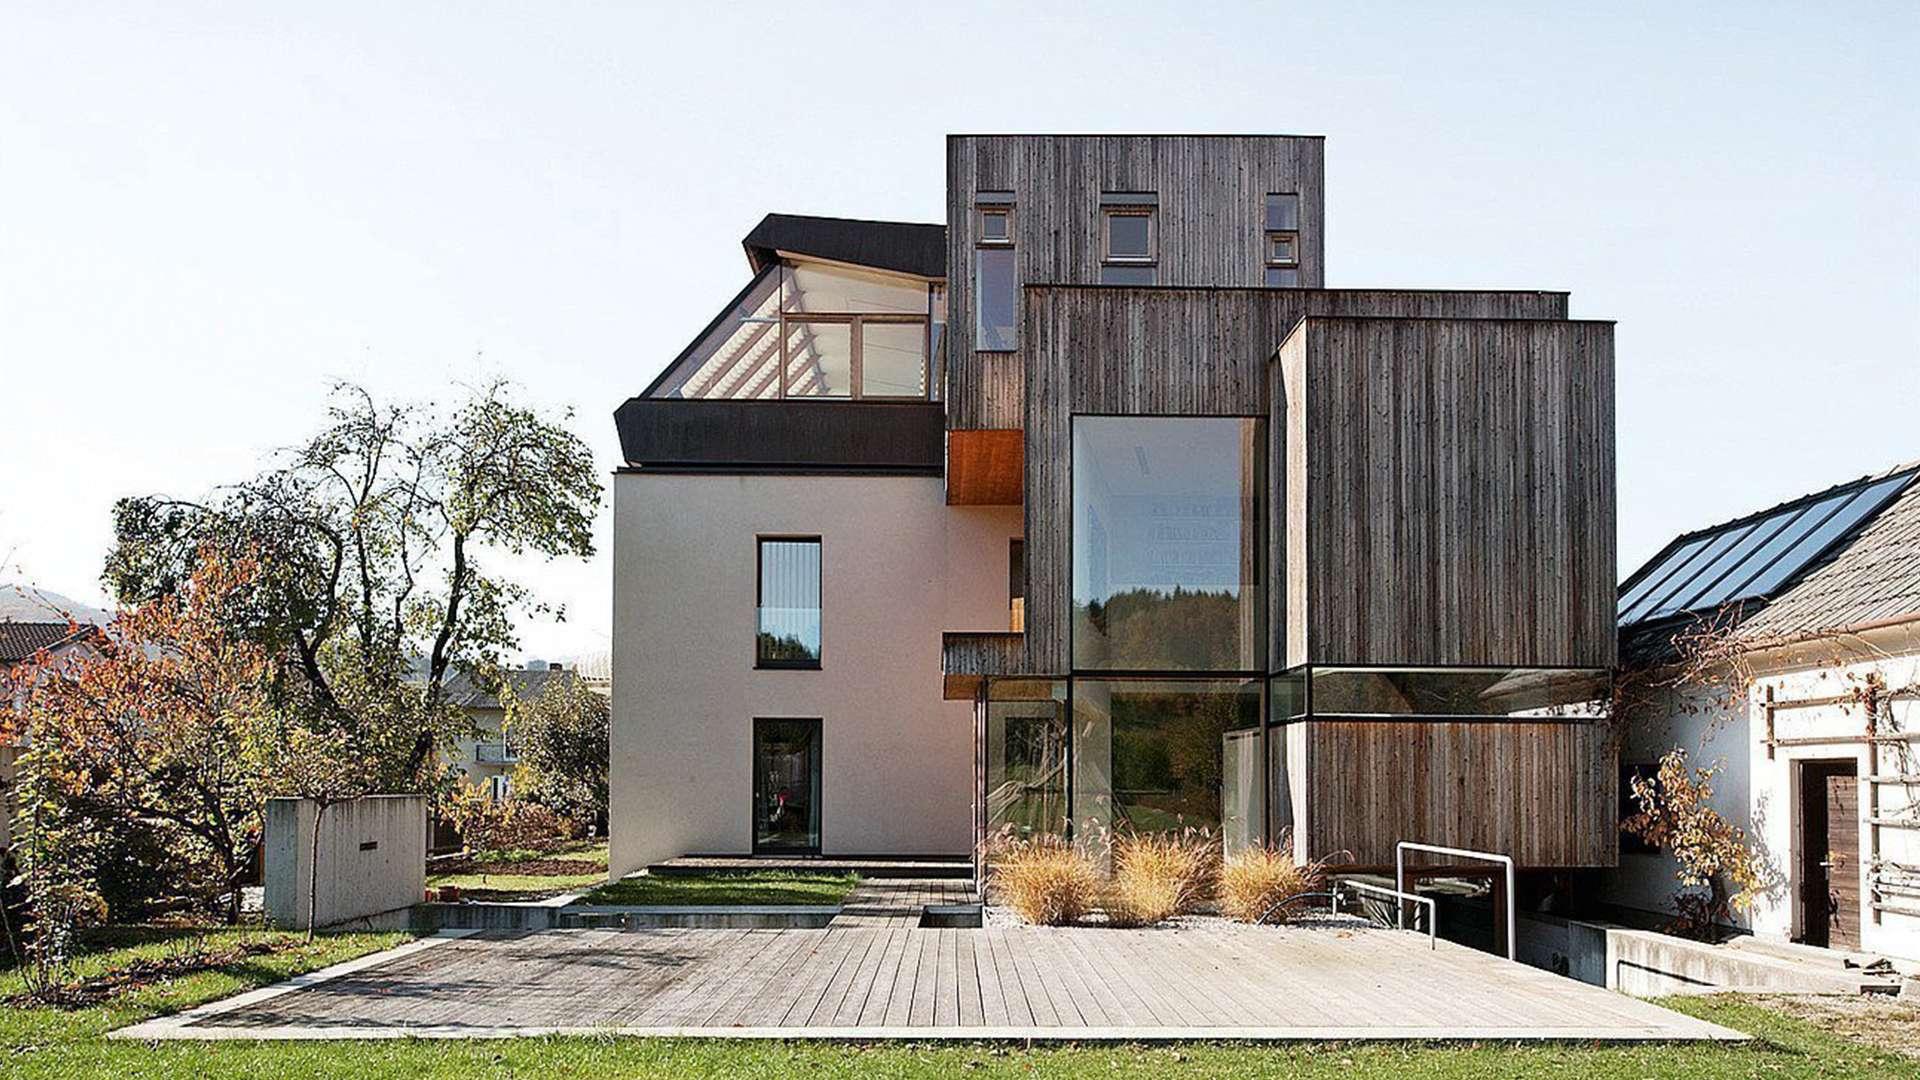 großes Wohnhaus mit Holzfenstern und Terrasse im Vordergrund